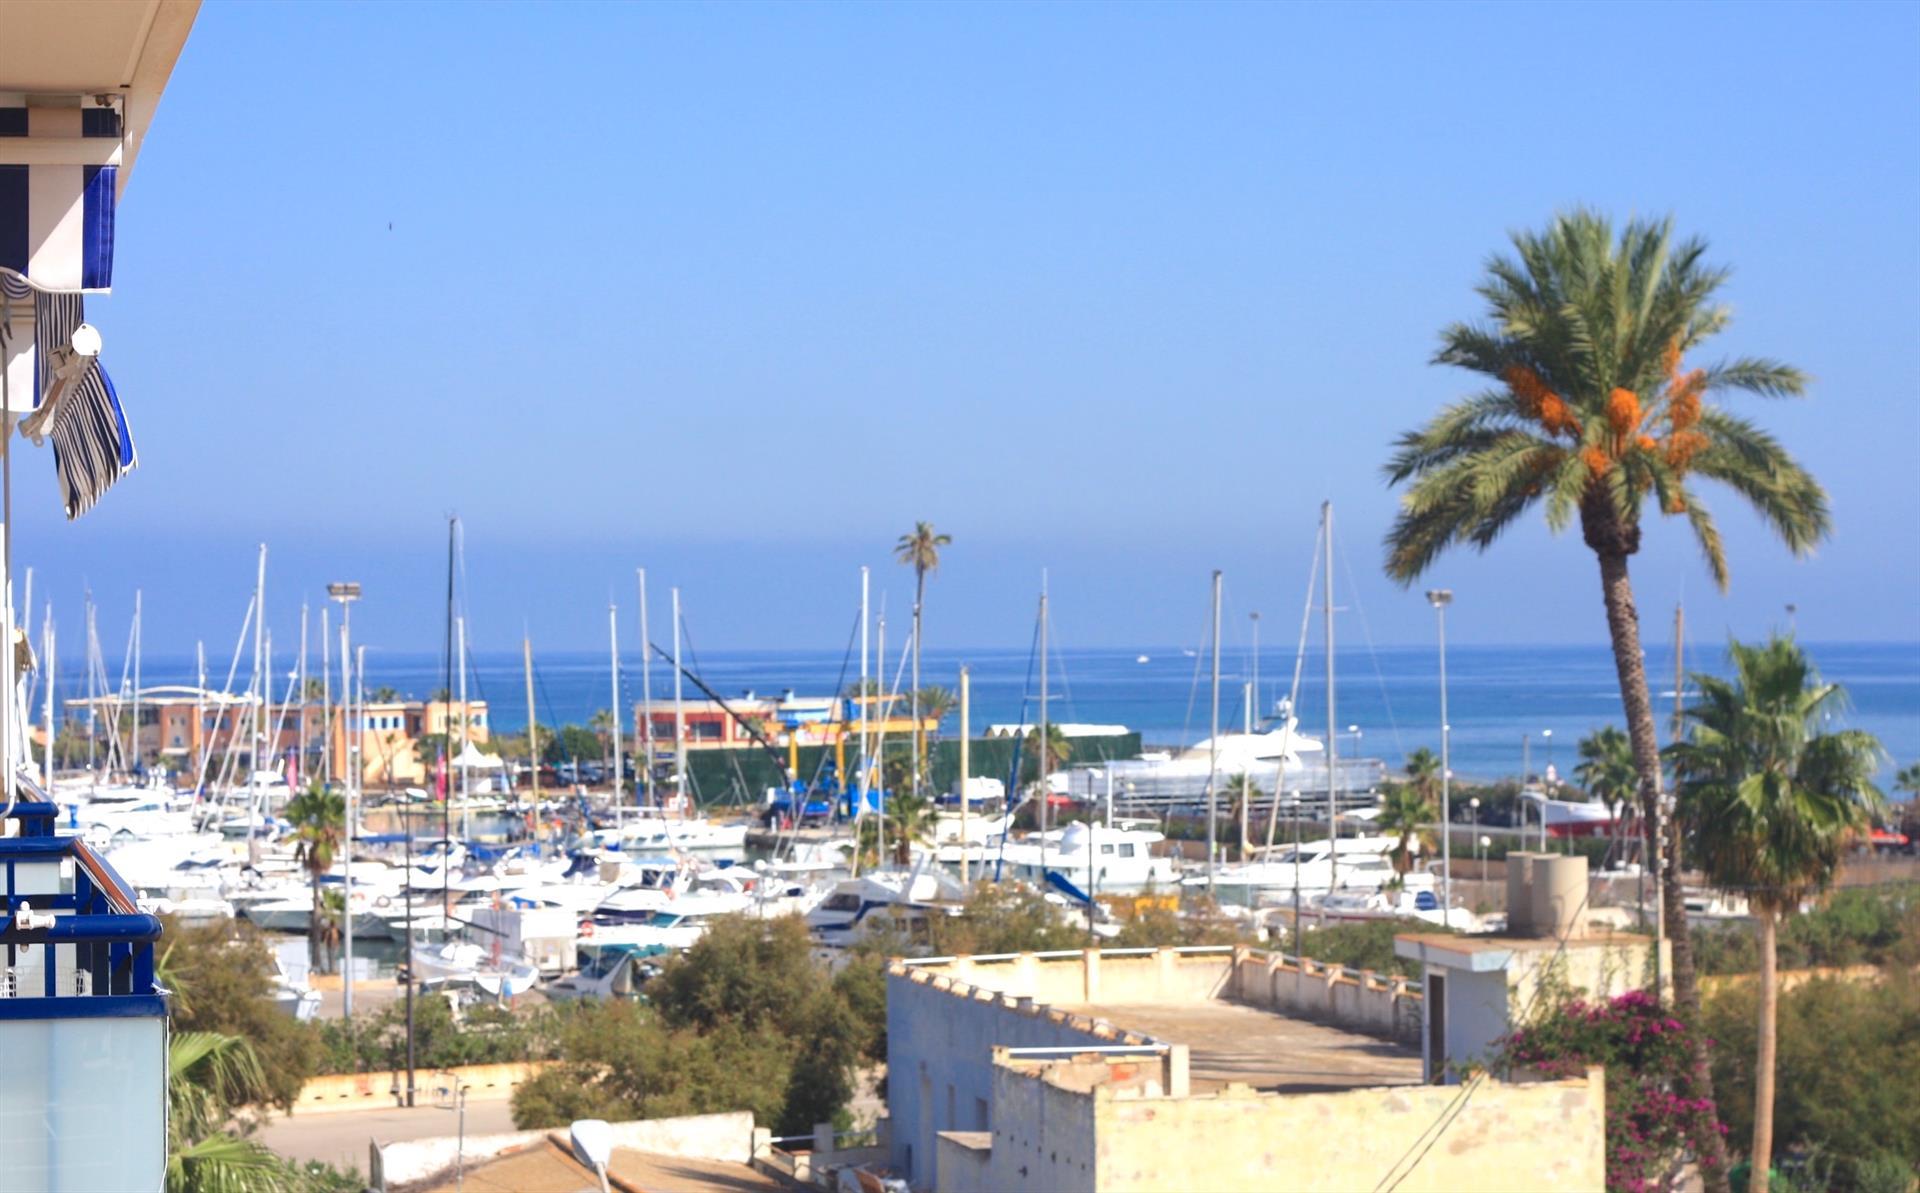 Sueños de mar apartamento,Modern en comfortabel appartement  met gemeenschappelijk zwembad in Denia, aan de Costa Blanca, Spanje voor 4 personen...